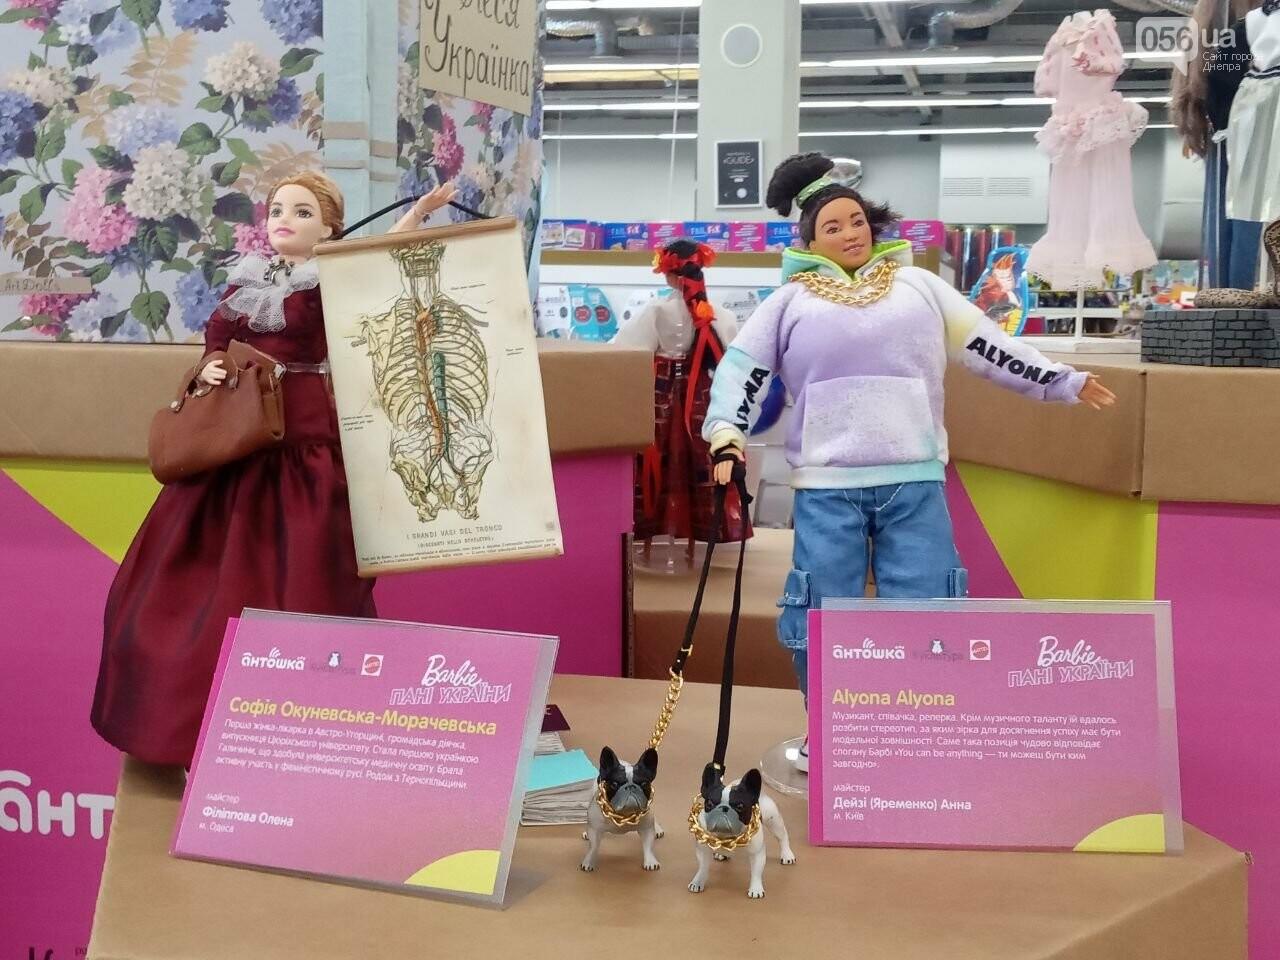 В Днепре продолжают гостить куклы Barbie, - ФОТО, фото-11